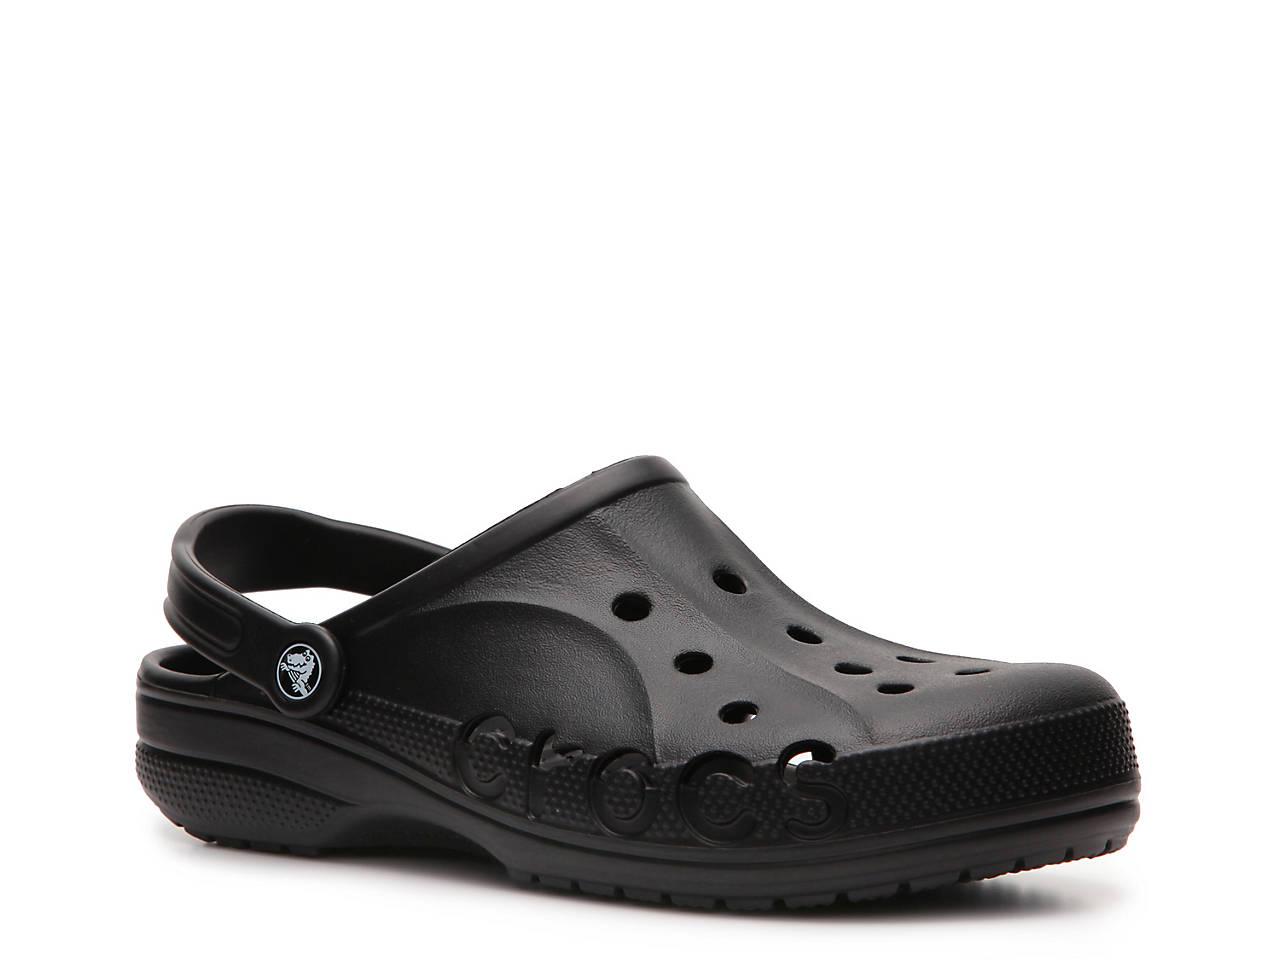 93d11d2b62293f Crocs Baya Clog Men s Shoes